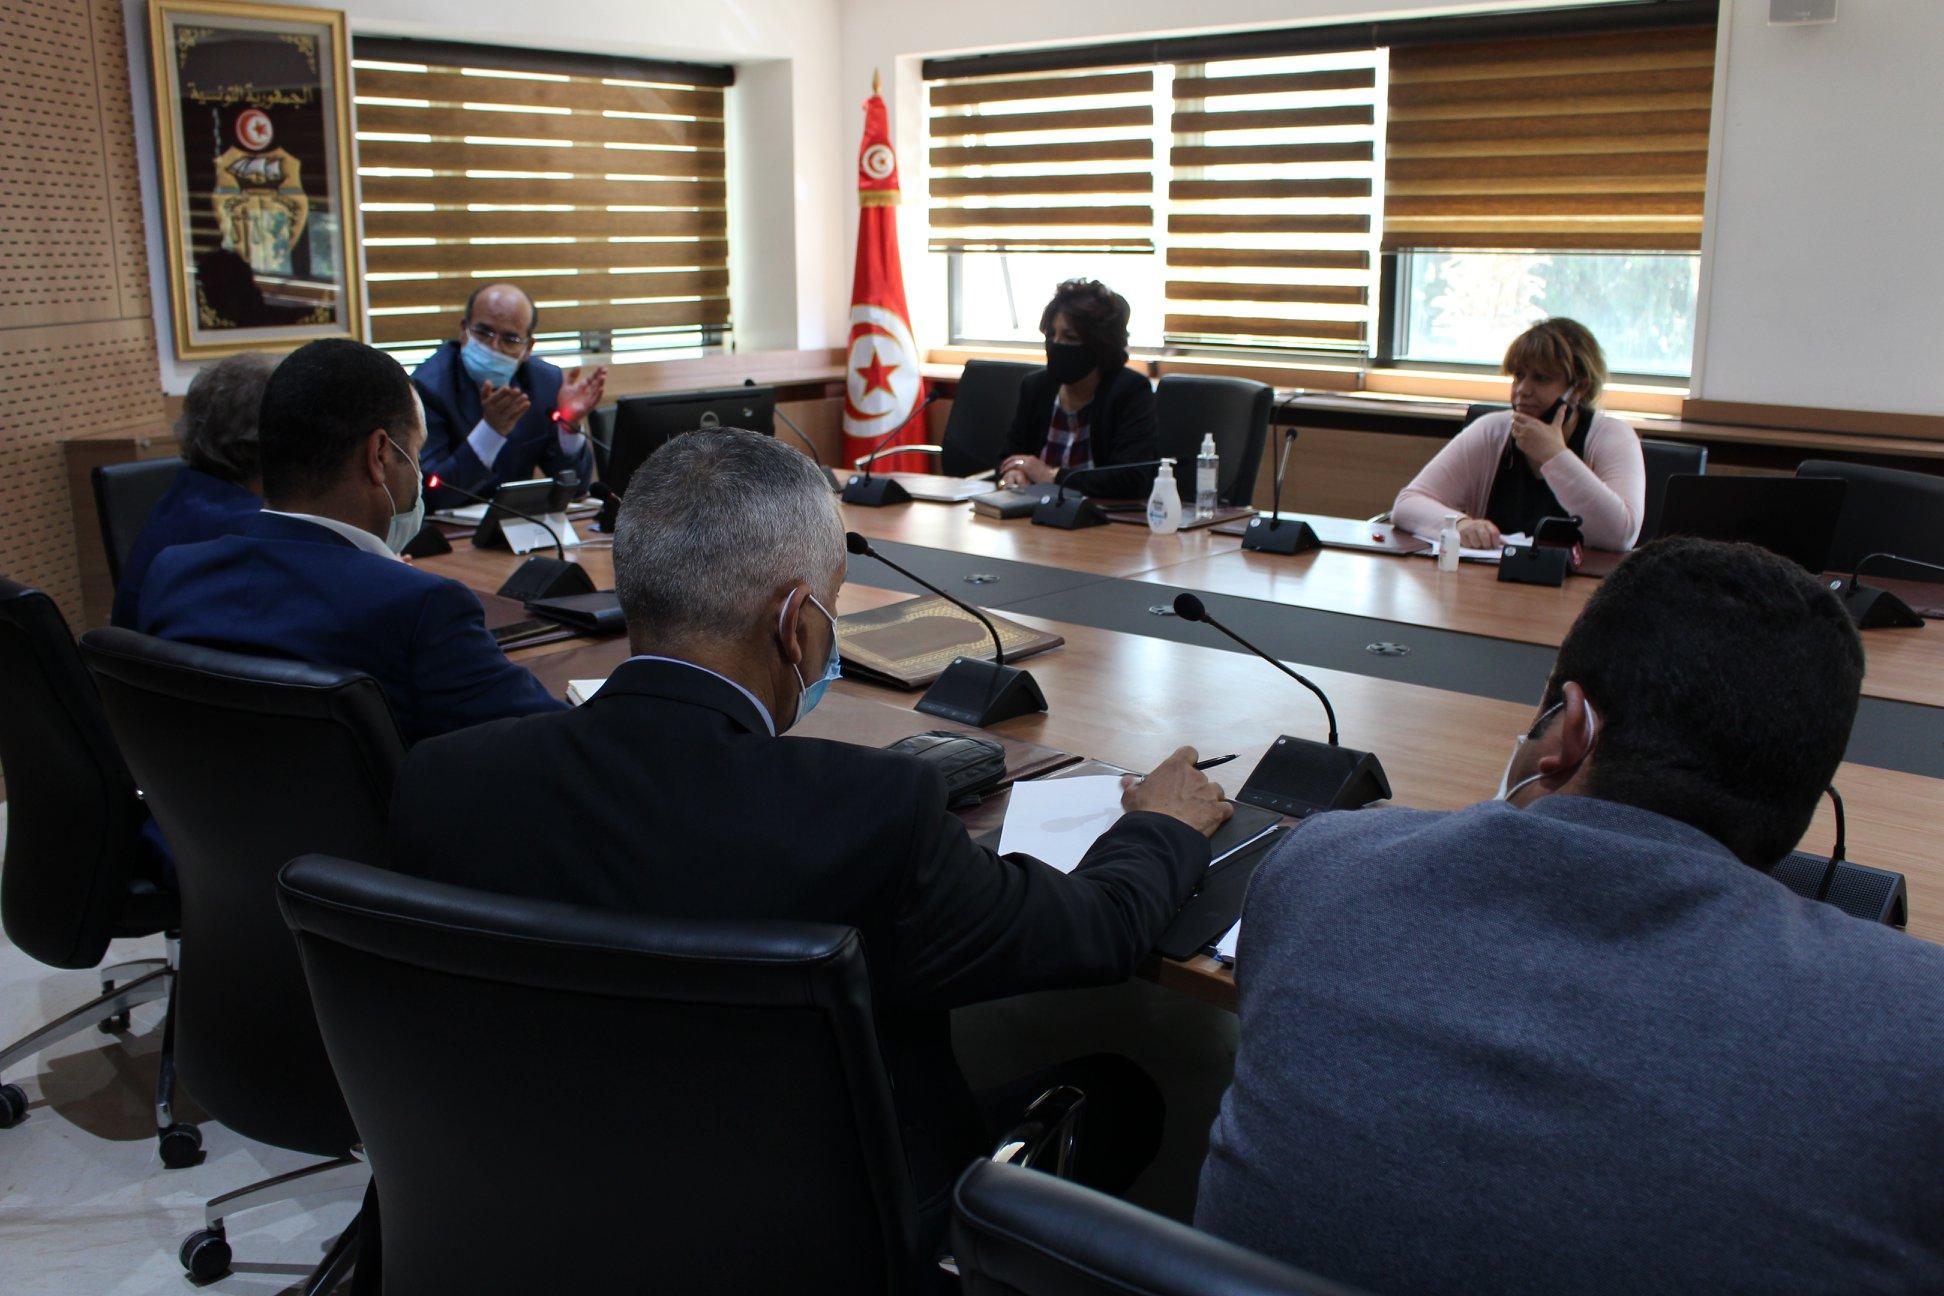 جلسة تشاورية مع مجلس الهيئة الوطنية للعدول منفذين